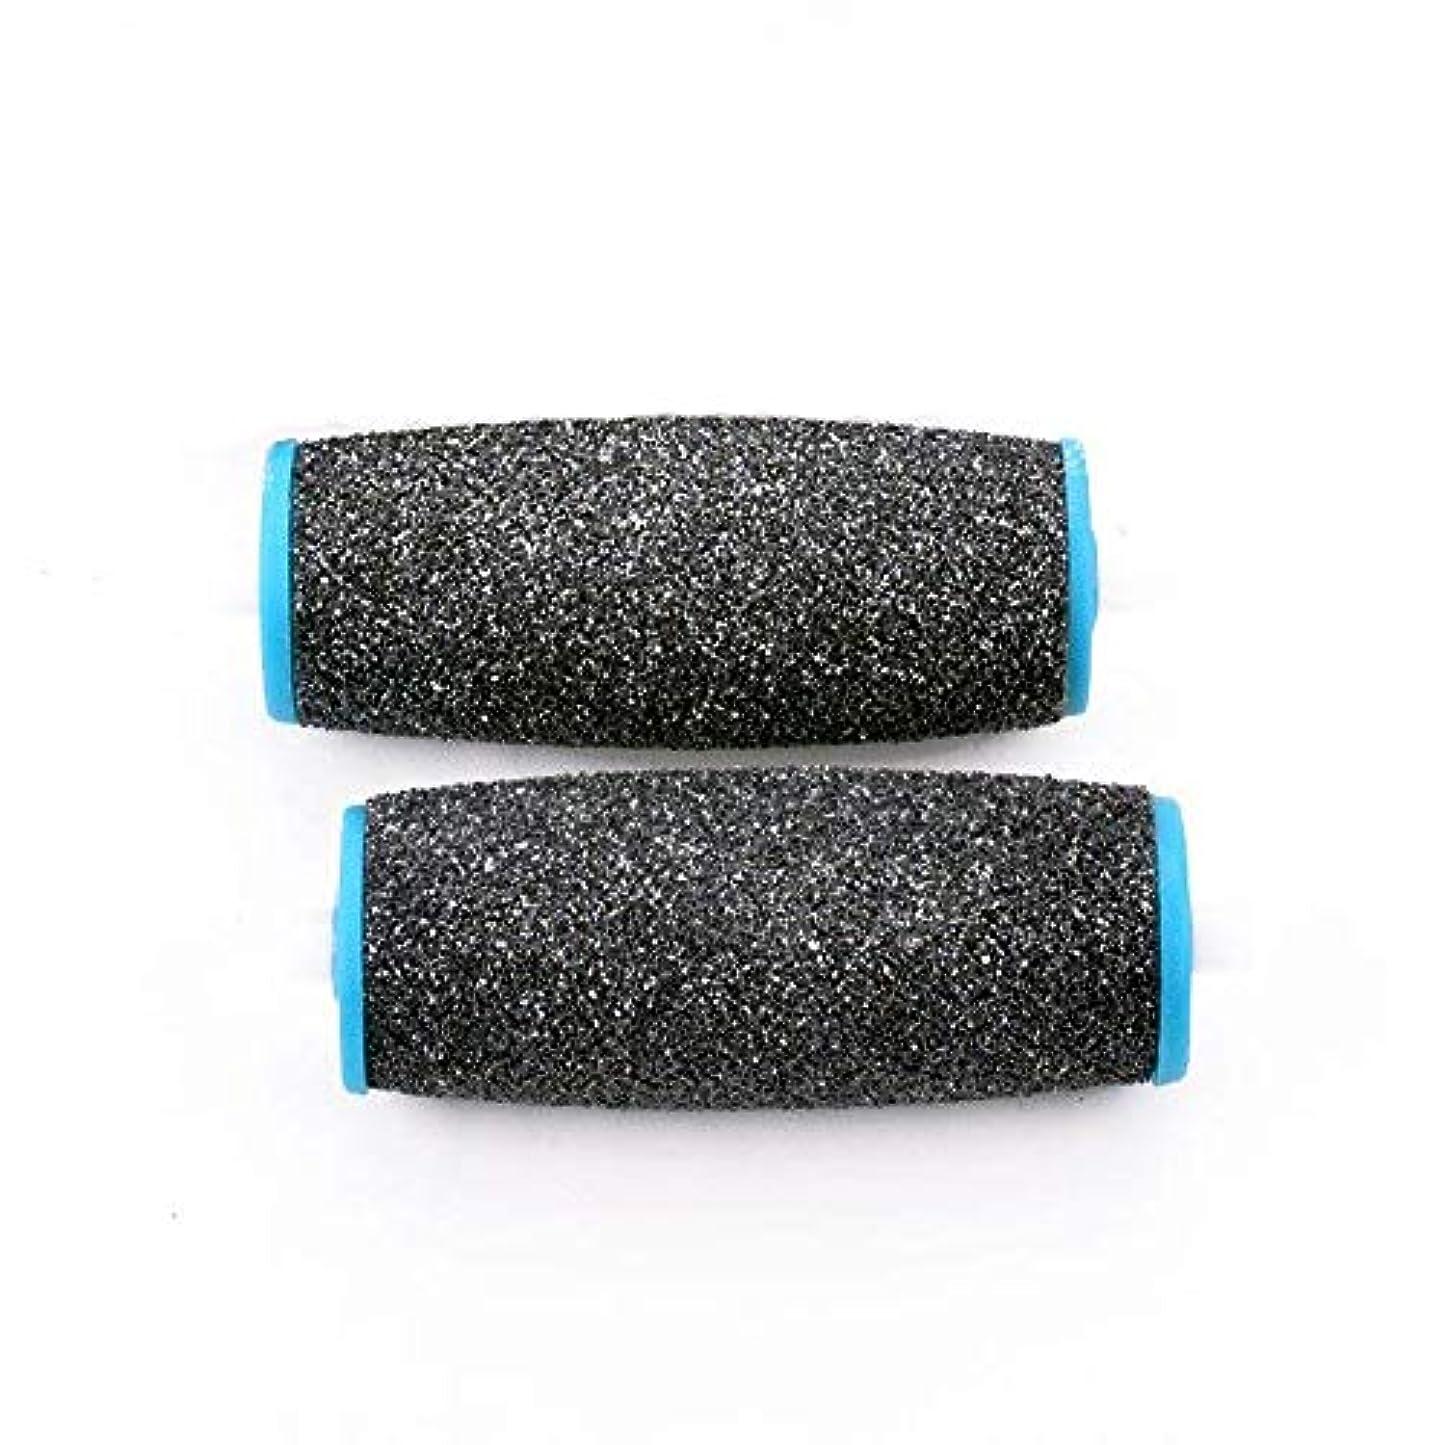 ごみボイラー公Viffly ベルベットスムーズ 電動角質リムーバー ダイヤモンド リフィル エキストラ かたい角質用 2個セット (ブラック+ブルー)